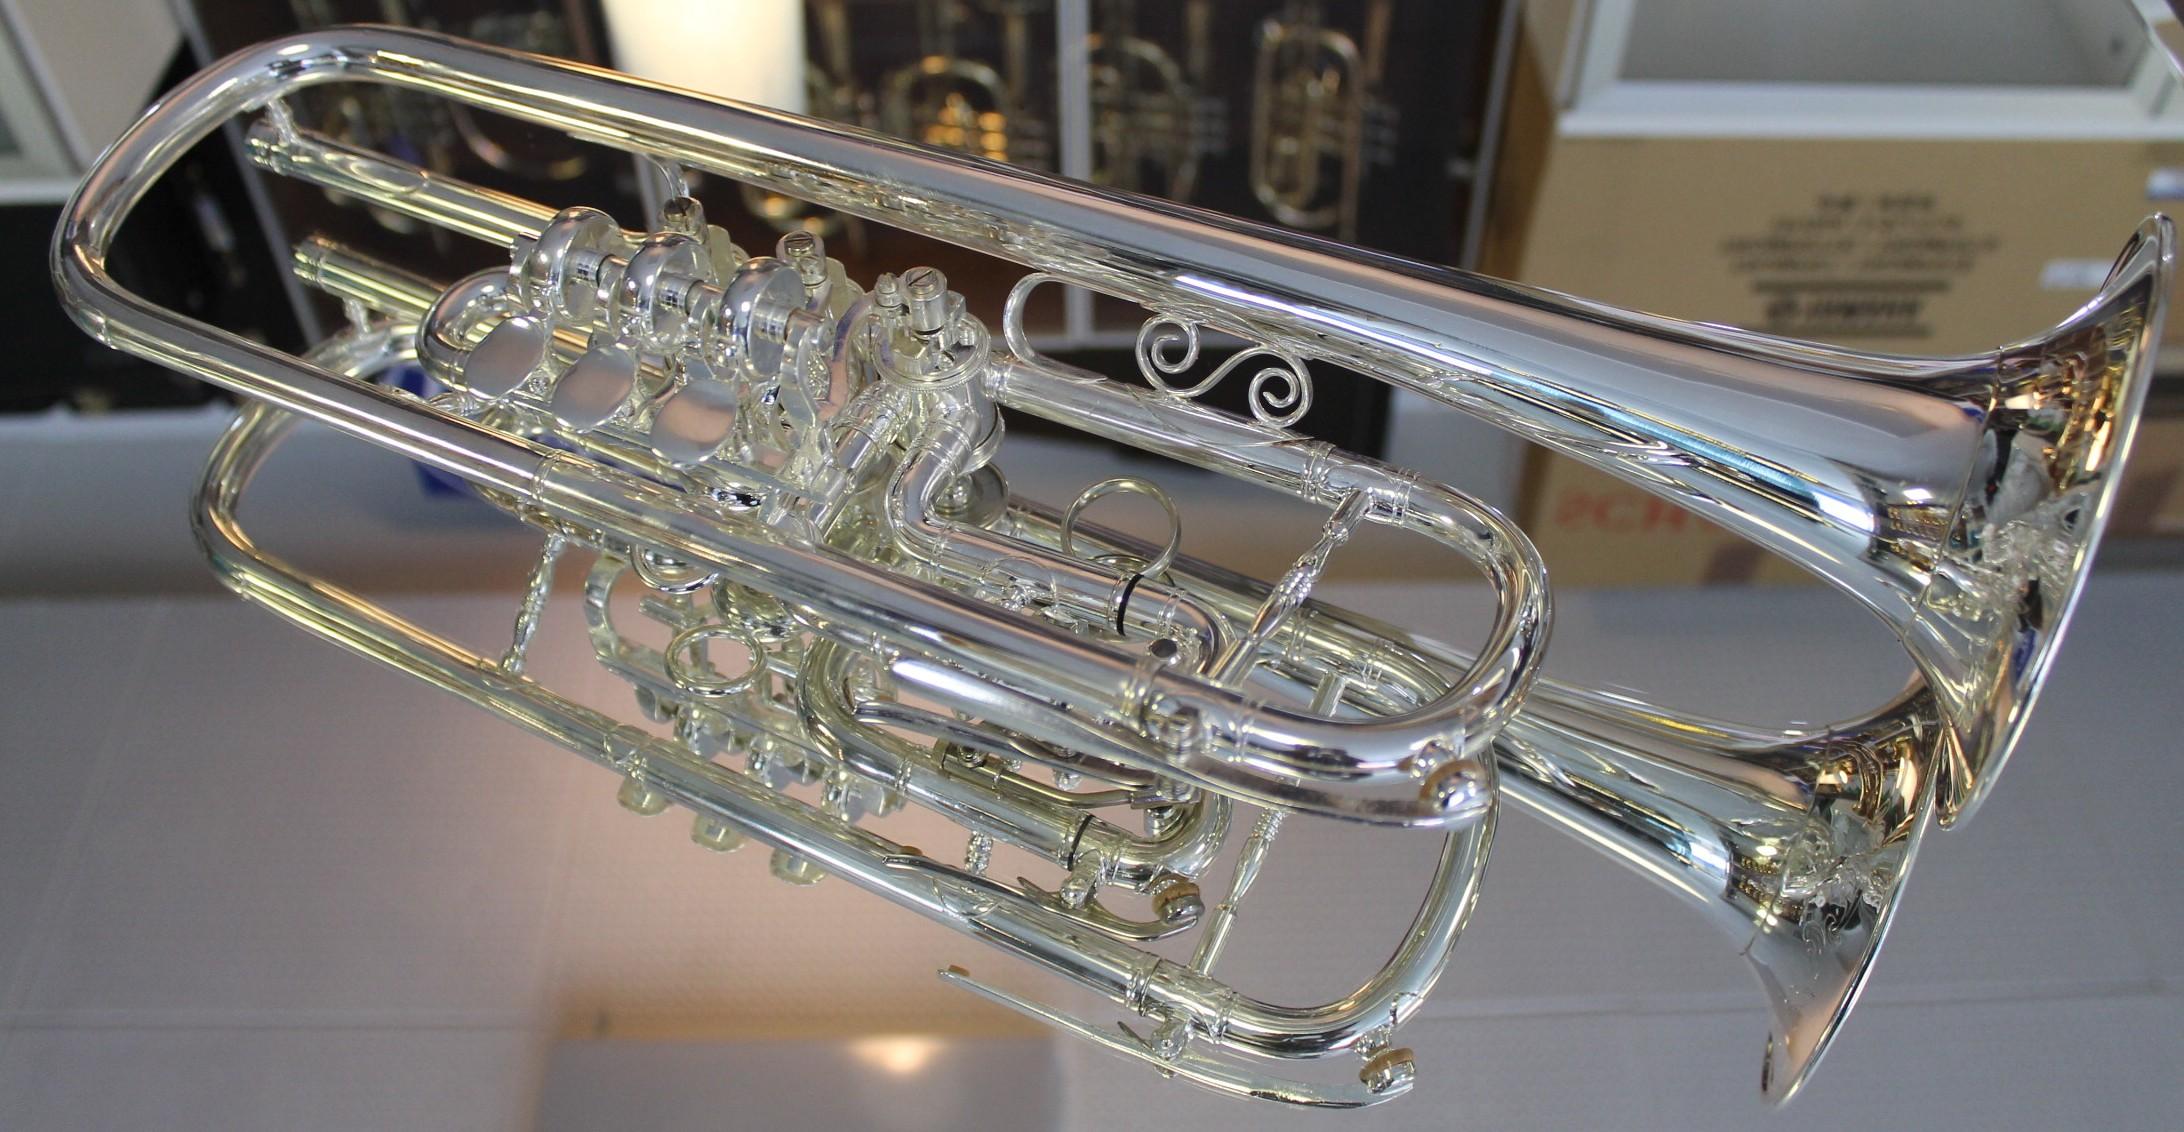 Euphonien Musikinstrumente Sammlung Hier Euphonium Silber Pumpventile Versilbert